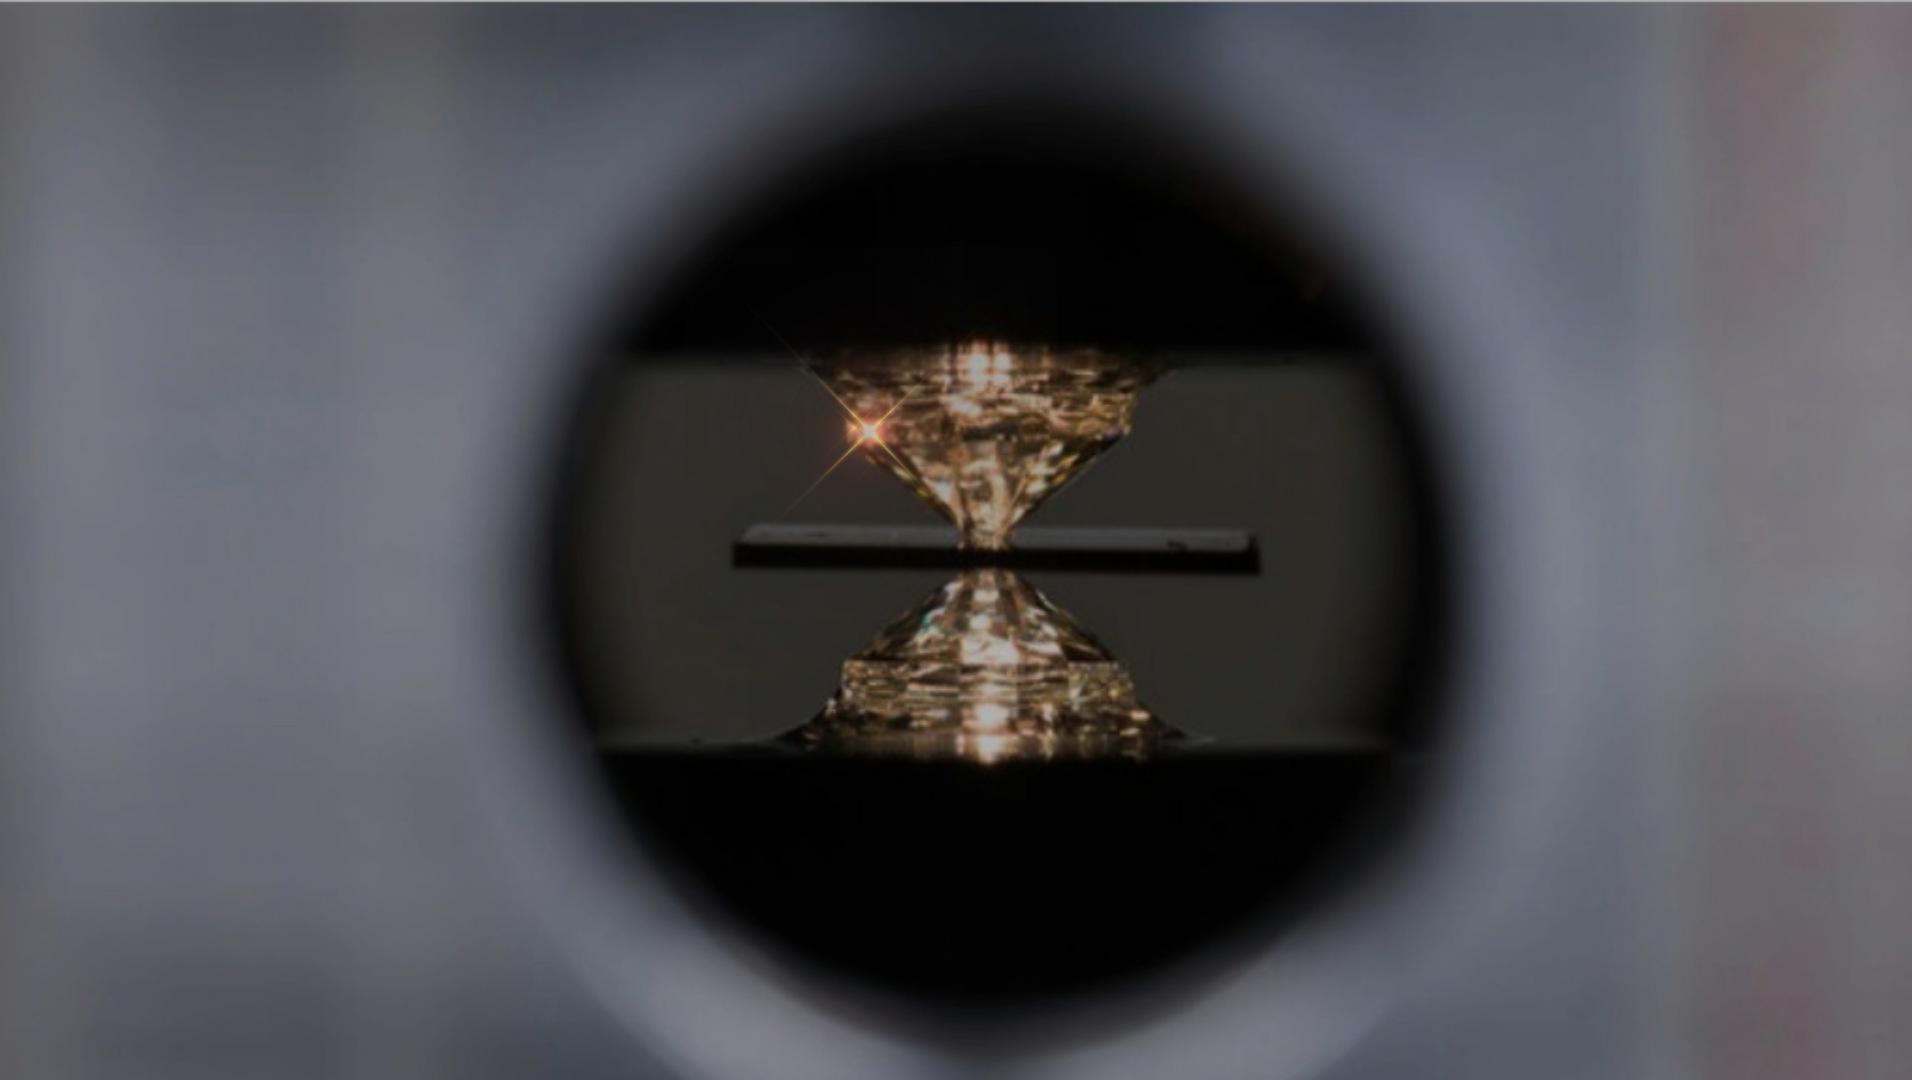 আবিষ্কারে নতুন উদ্ভাবন : অপচয় ছাড়াই বিদ্যুৎ পরিবহণ এইবার